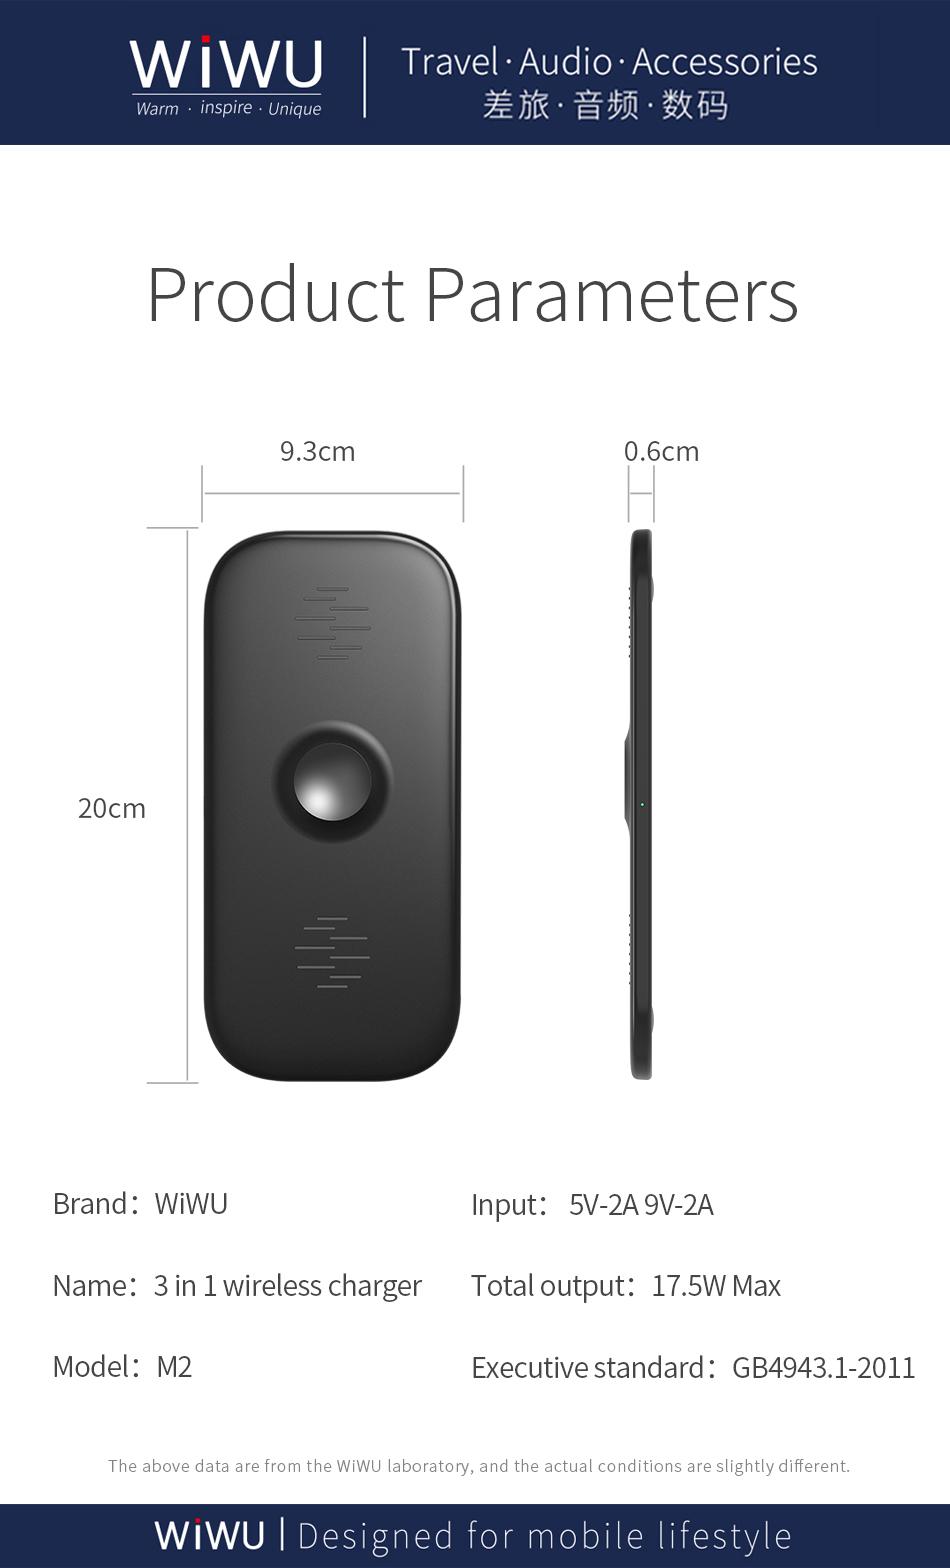 WIWU M2 二合一 无线充电器 (https://www.wiwu.net.cn/) 无线充电器 第4张